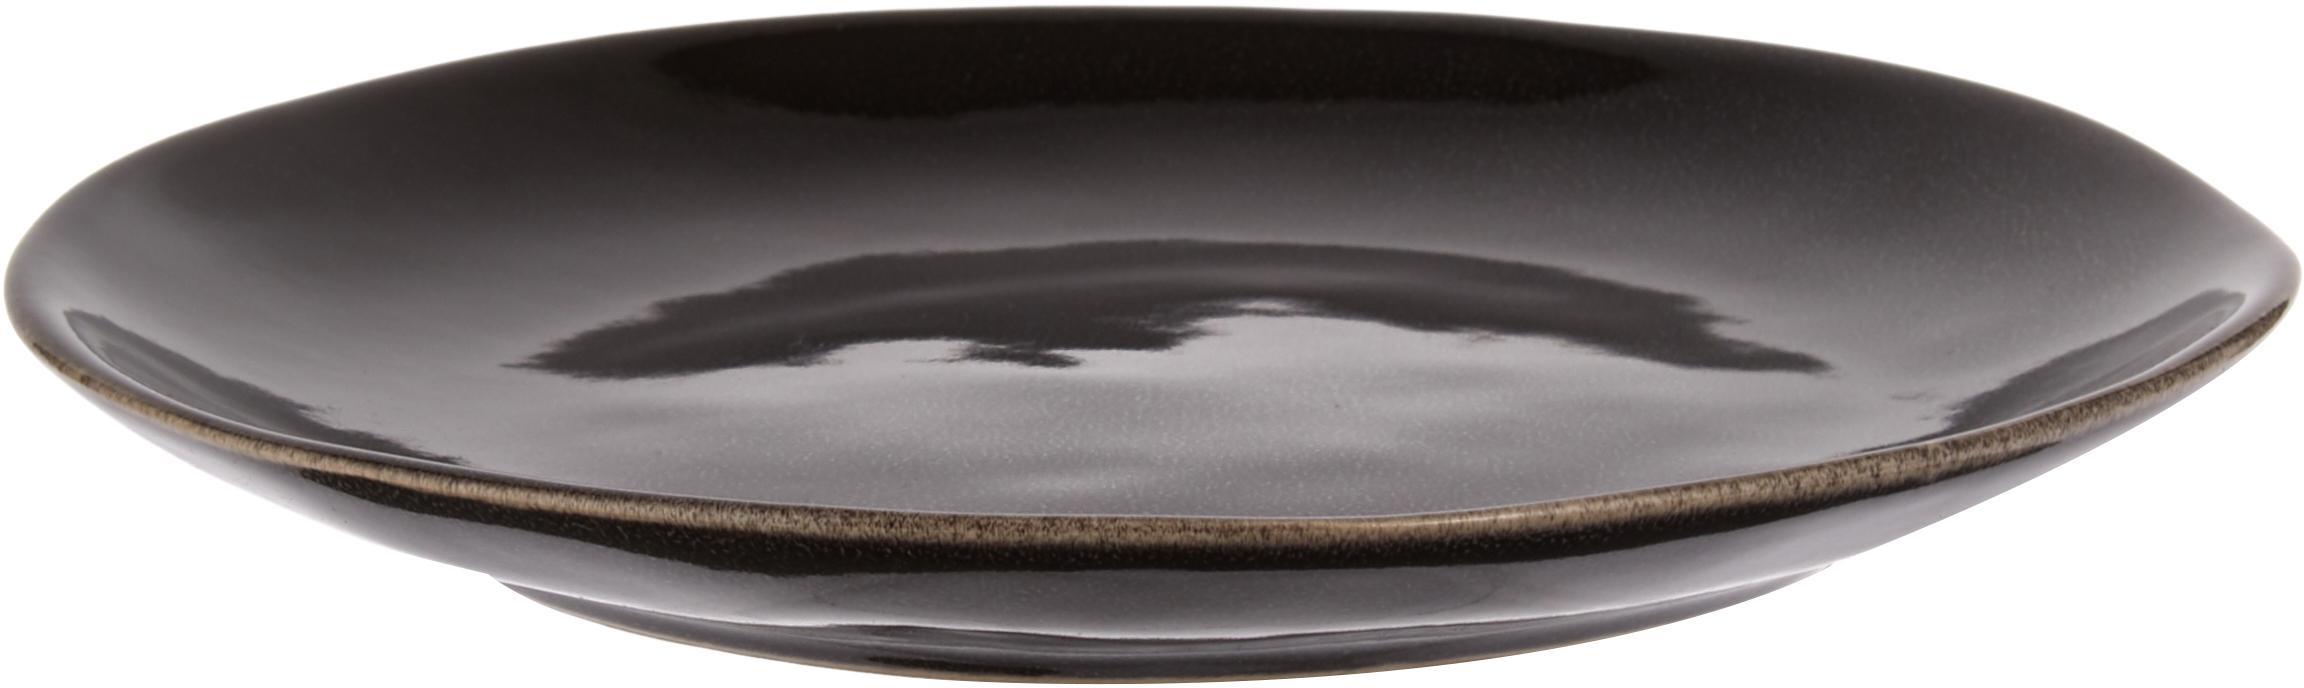 Ręcznie wykonany komplet naczyń śniadaniowych Nordic Coal, 12 elem., Kamionka, Brązowy, Różne rozmiary